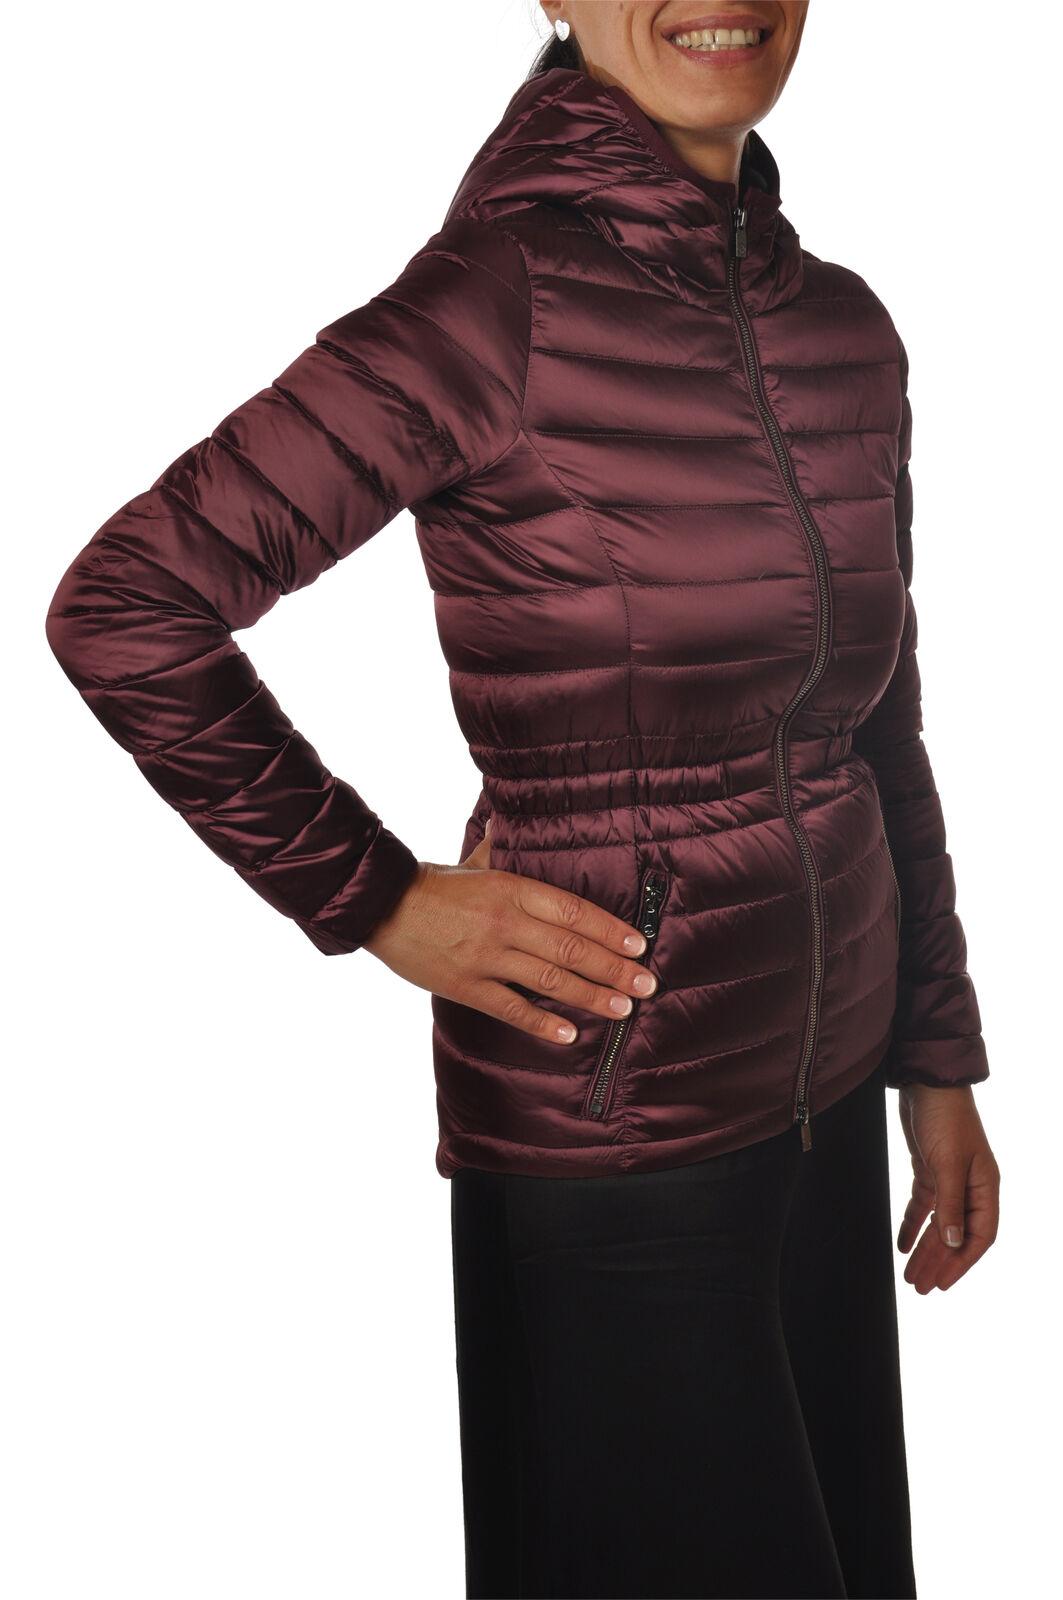 Ciesse-Prendas de abrigo-chaquetas-Mujer-Rojo  - 5410515M185153  autentico en linea